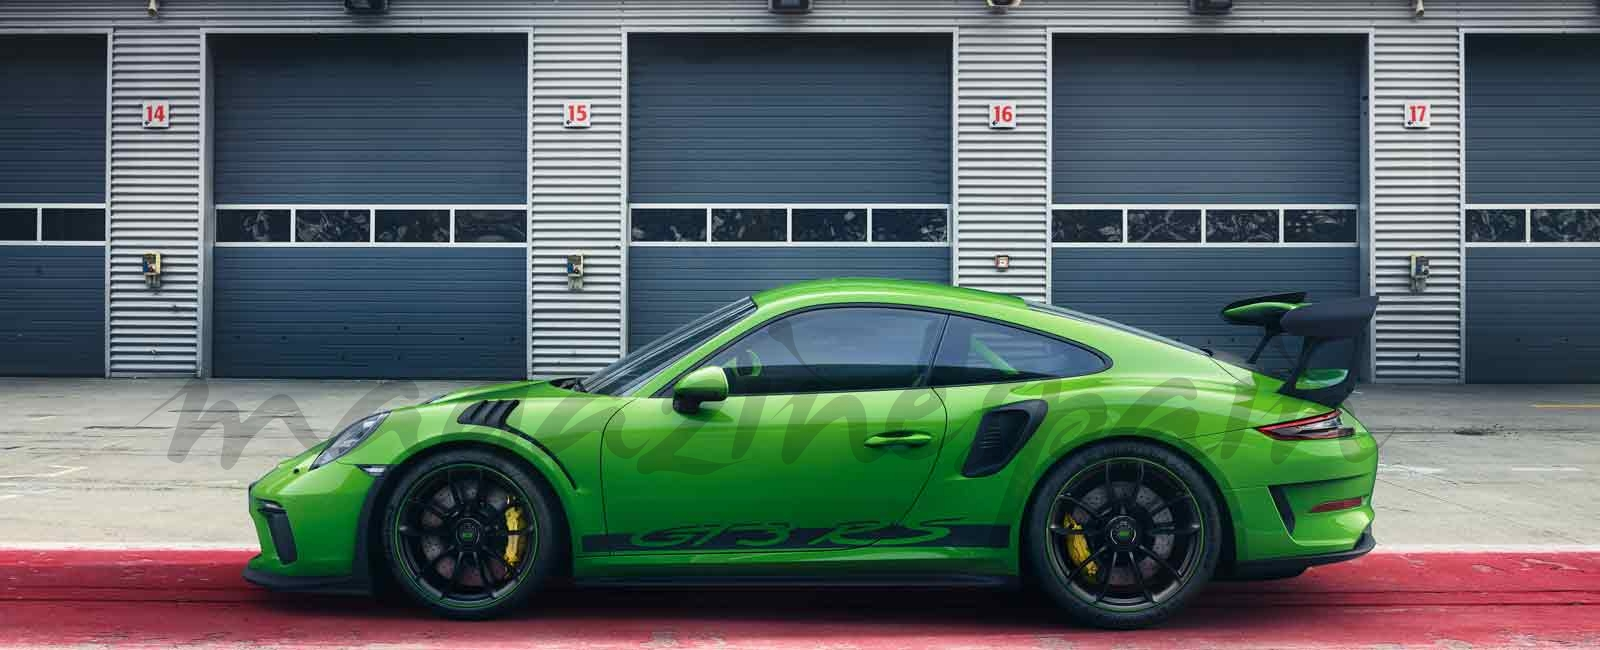 Nuevo Porsche 911 GT3 RS – Vídeo